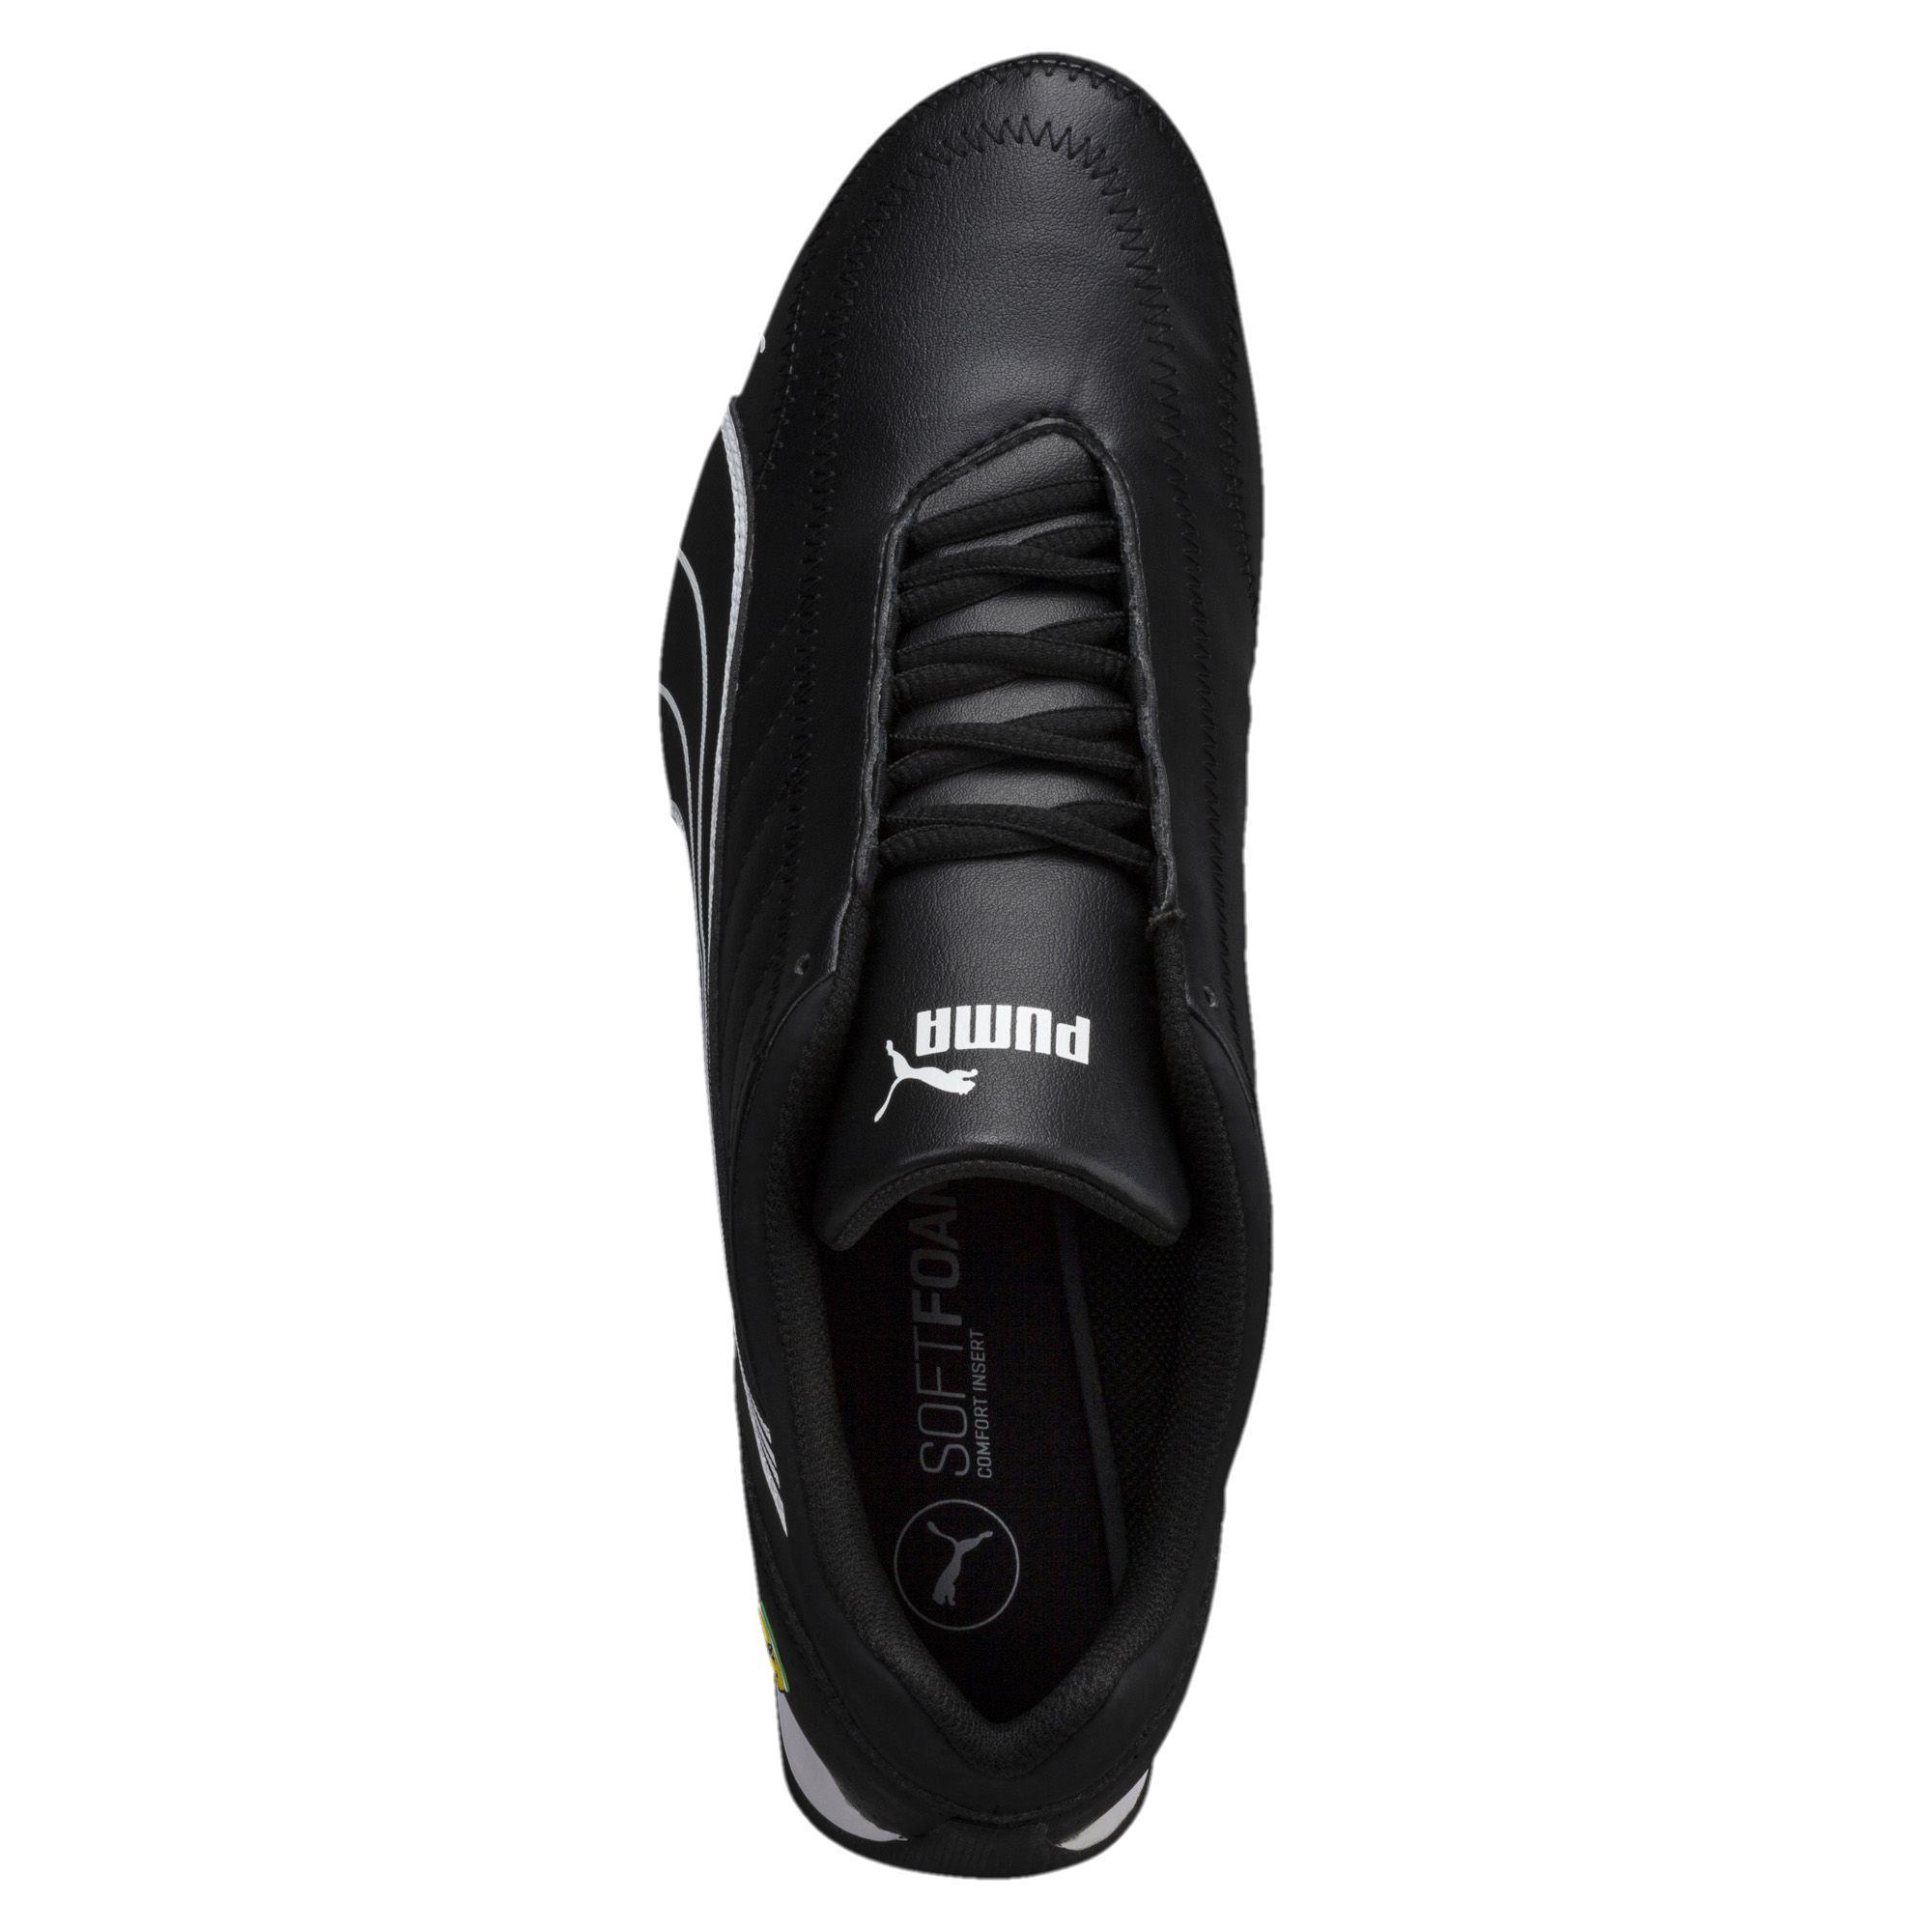 875b1e225e9 Lyst - PUMA Ferrari Future Cart Cat Men s Motorsport Shoes in Black ...